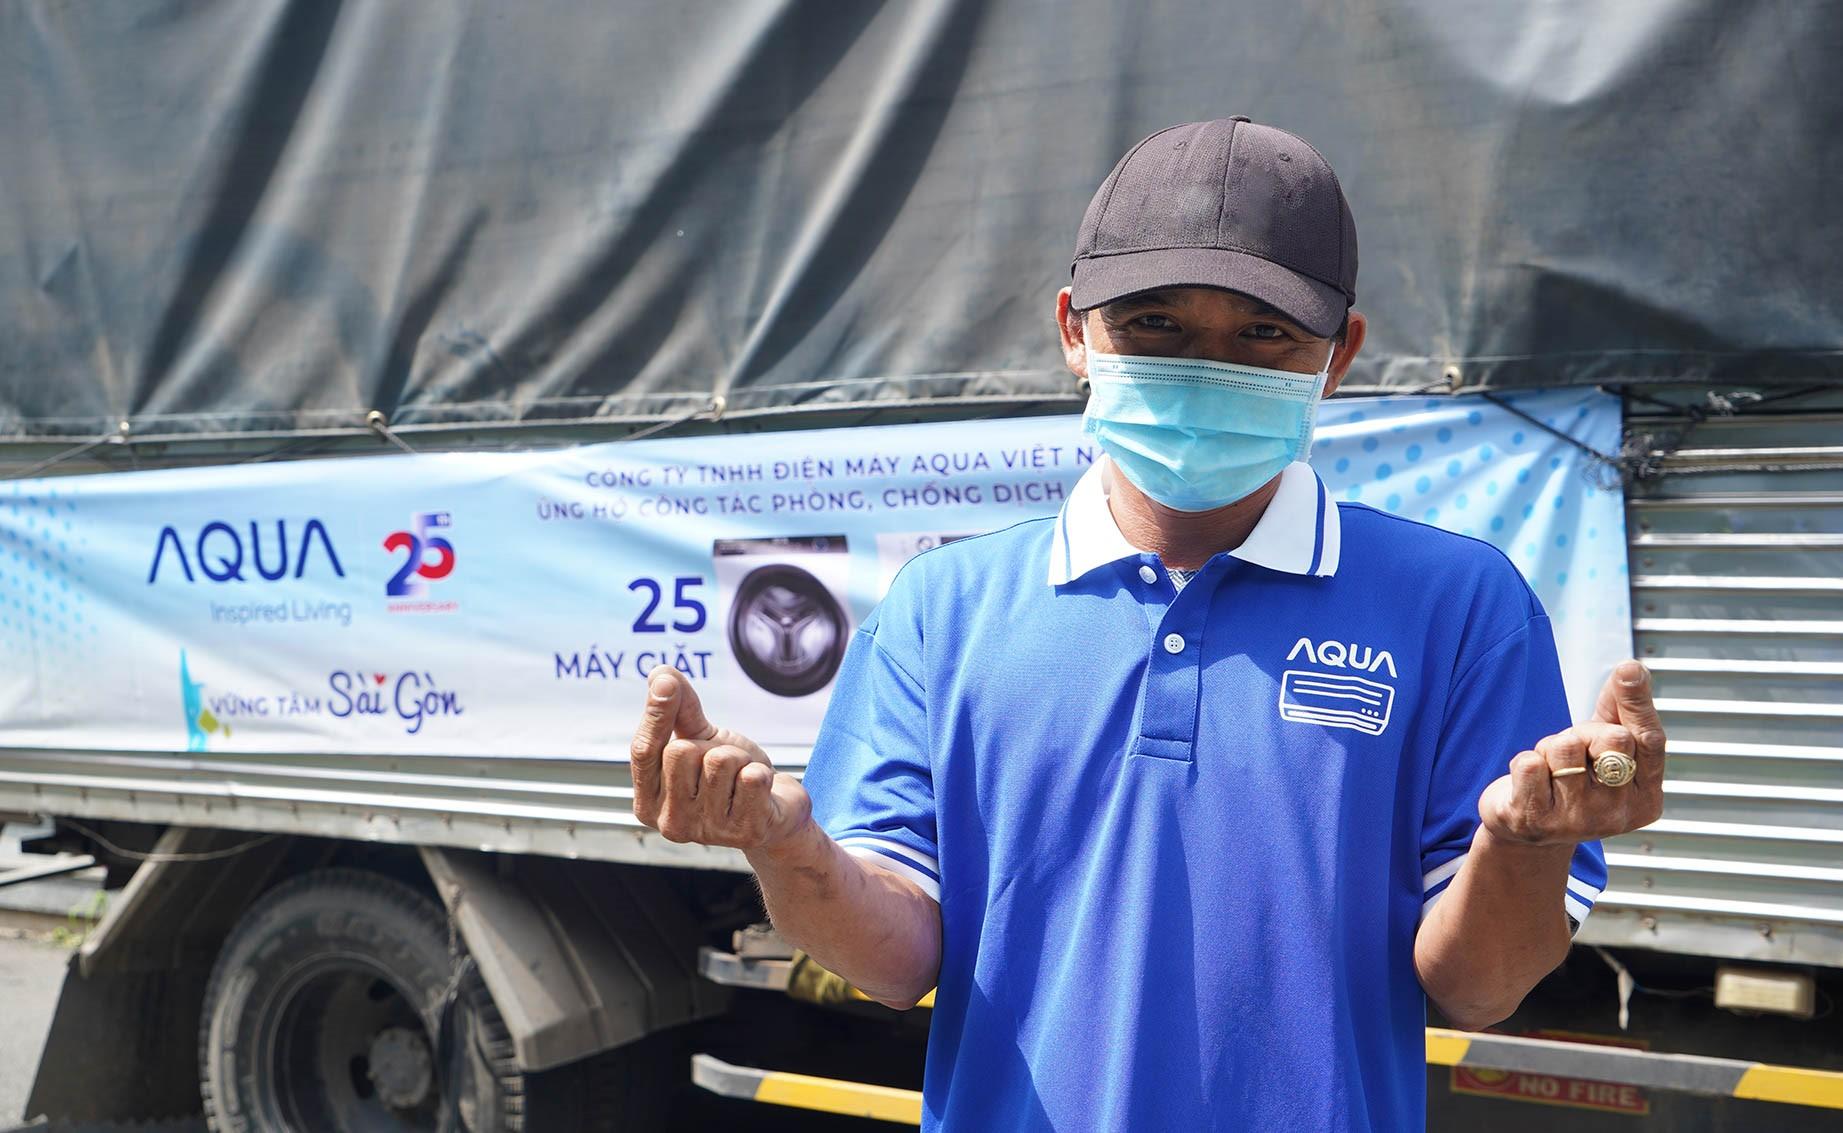 Anh Bình, nhân viên Aqua Việt Nam gửi lời chúc sức khỏe, tri ân đến đội ngũ tuyến đầu chống dịch.